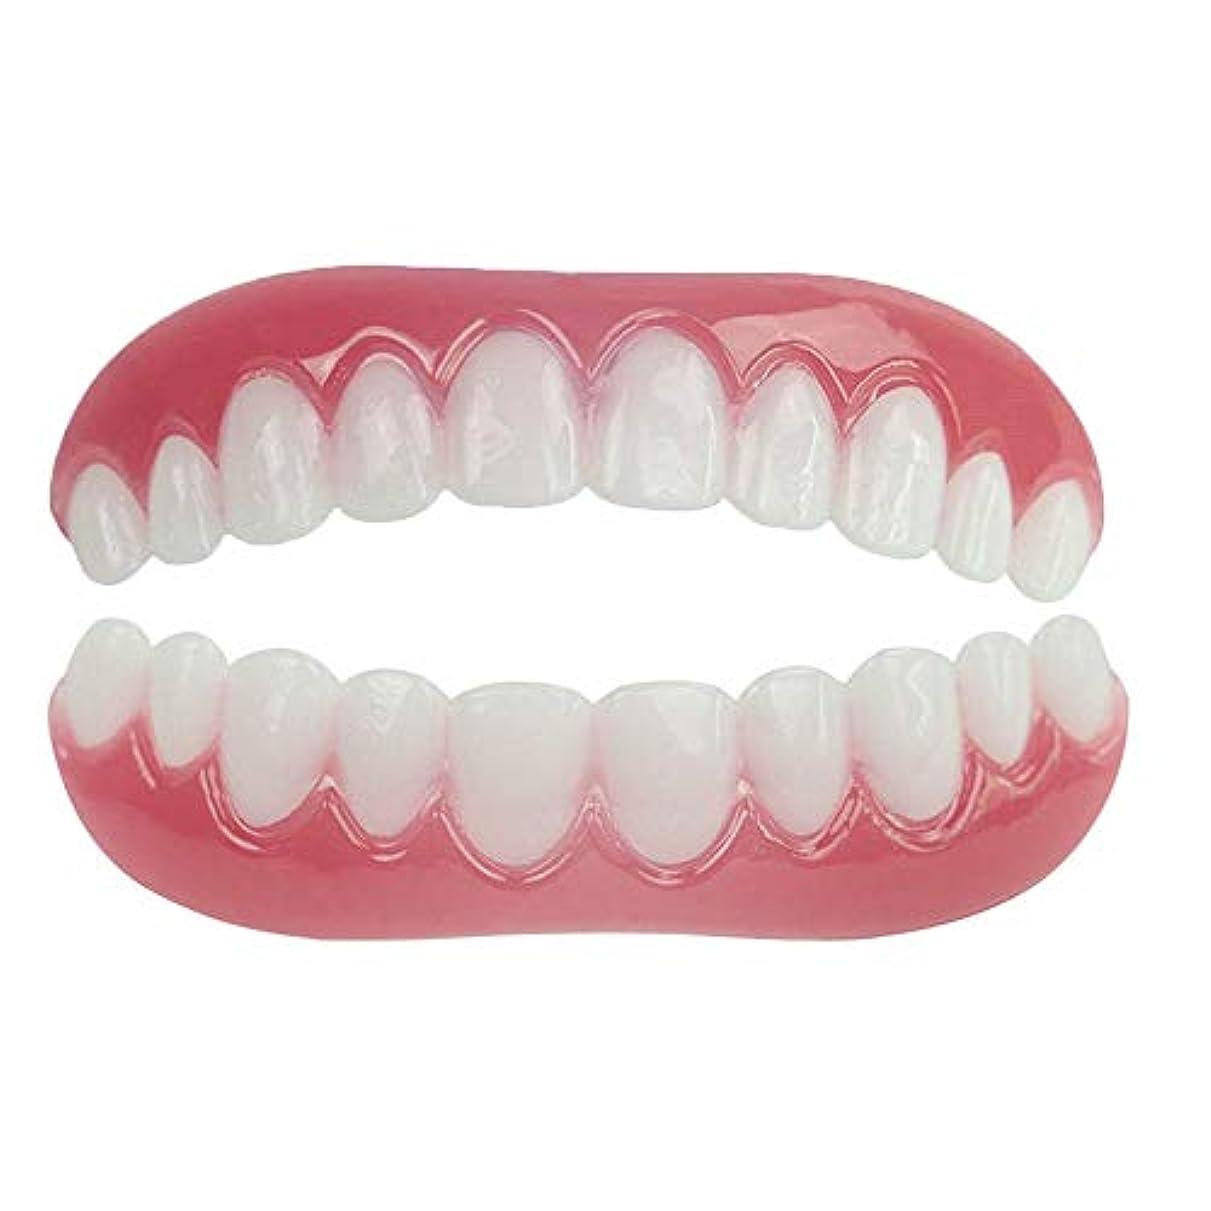 どうしたの定規結果シリコンシミュレーションの上部および下部義歯スリーブ、歯科用ベニヤホワイトニングティーセット(1セット),Boxed,UpperLower